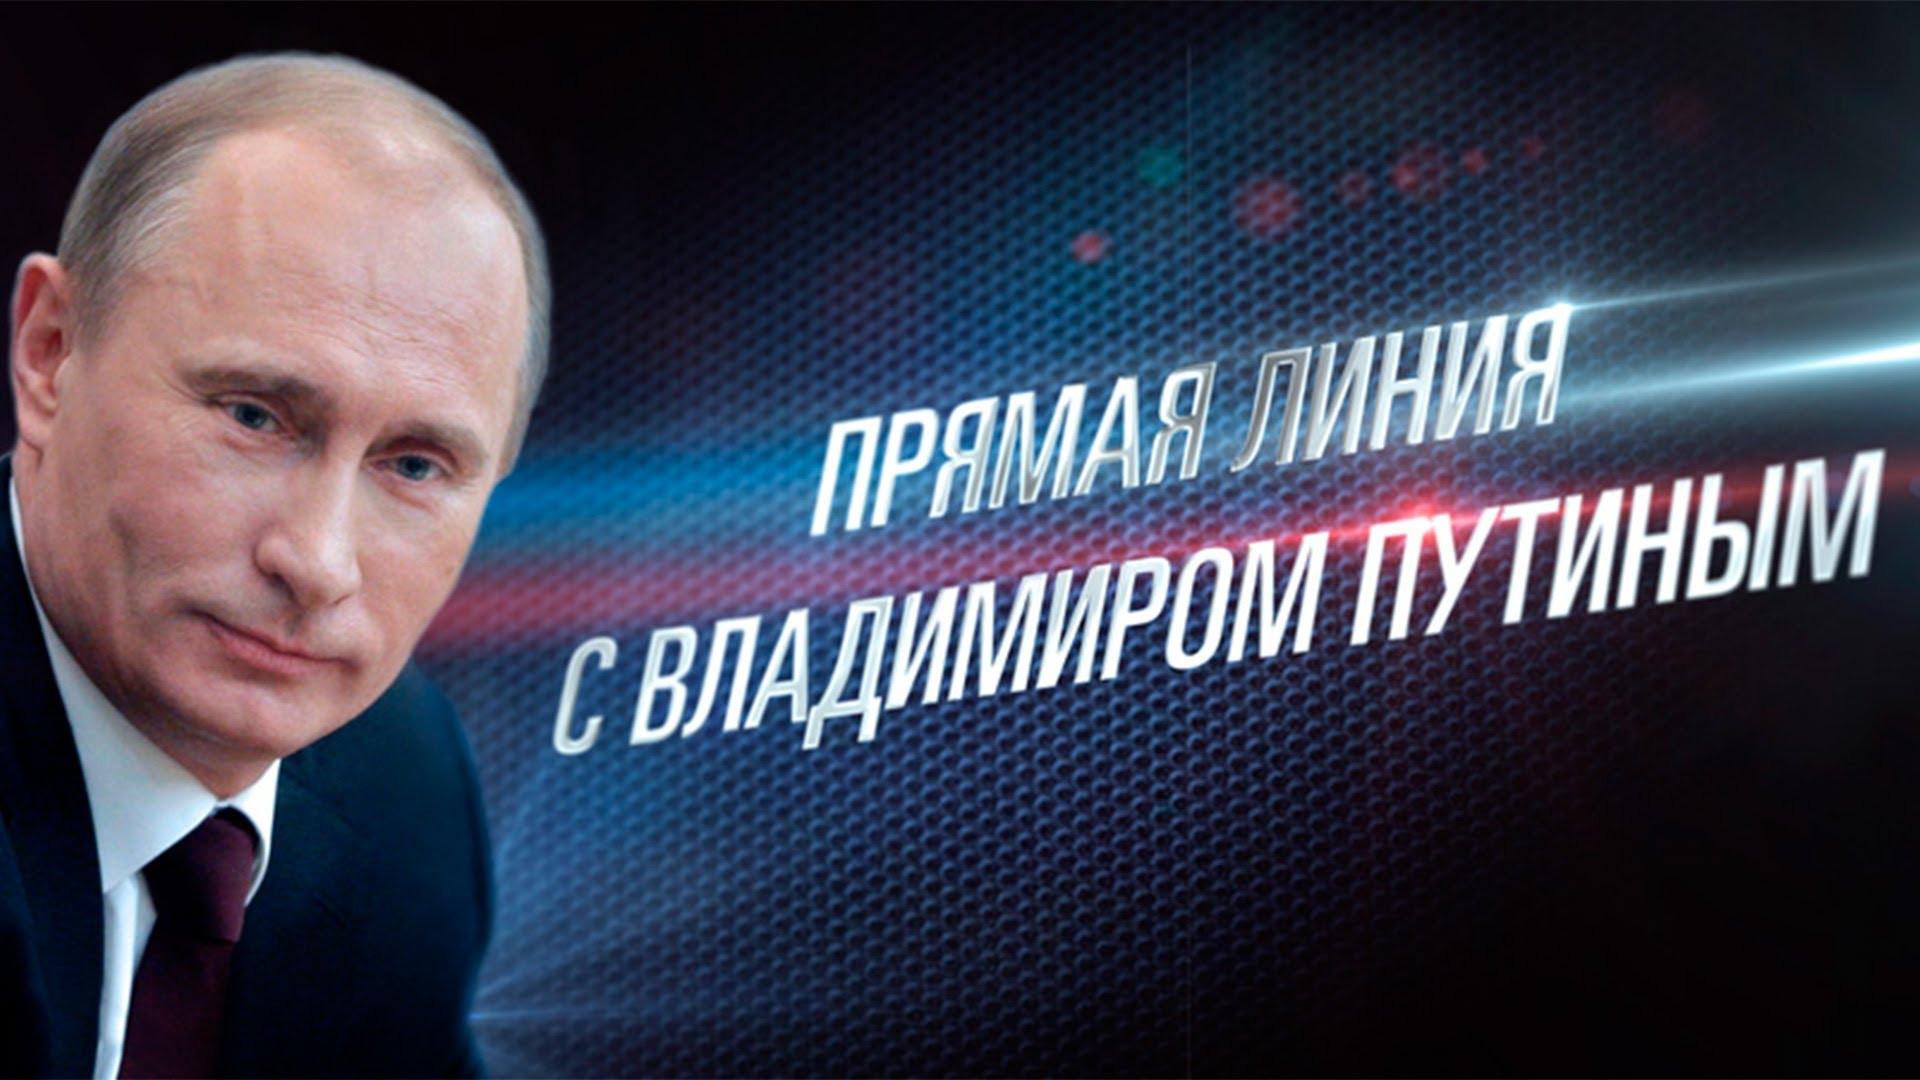 «Прямая линия сВладимиром Путиным» вносит коррективы всетку вещания ГТРК «Оренбург»